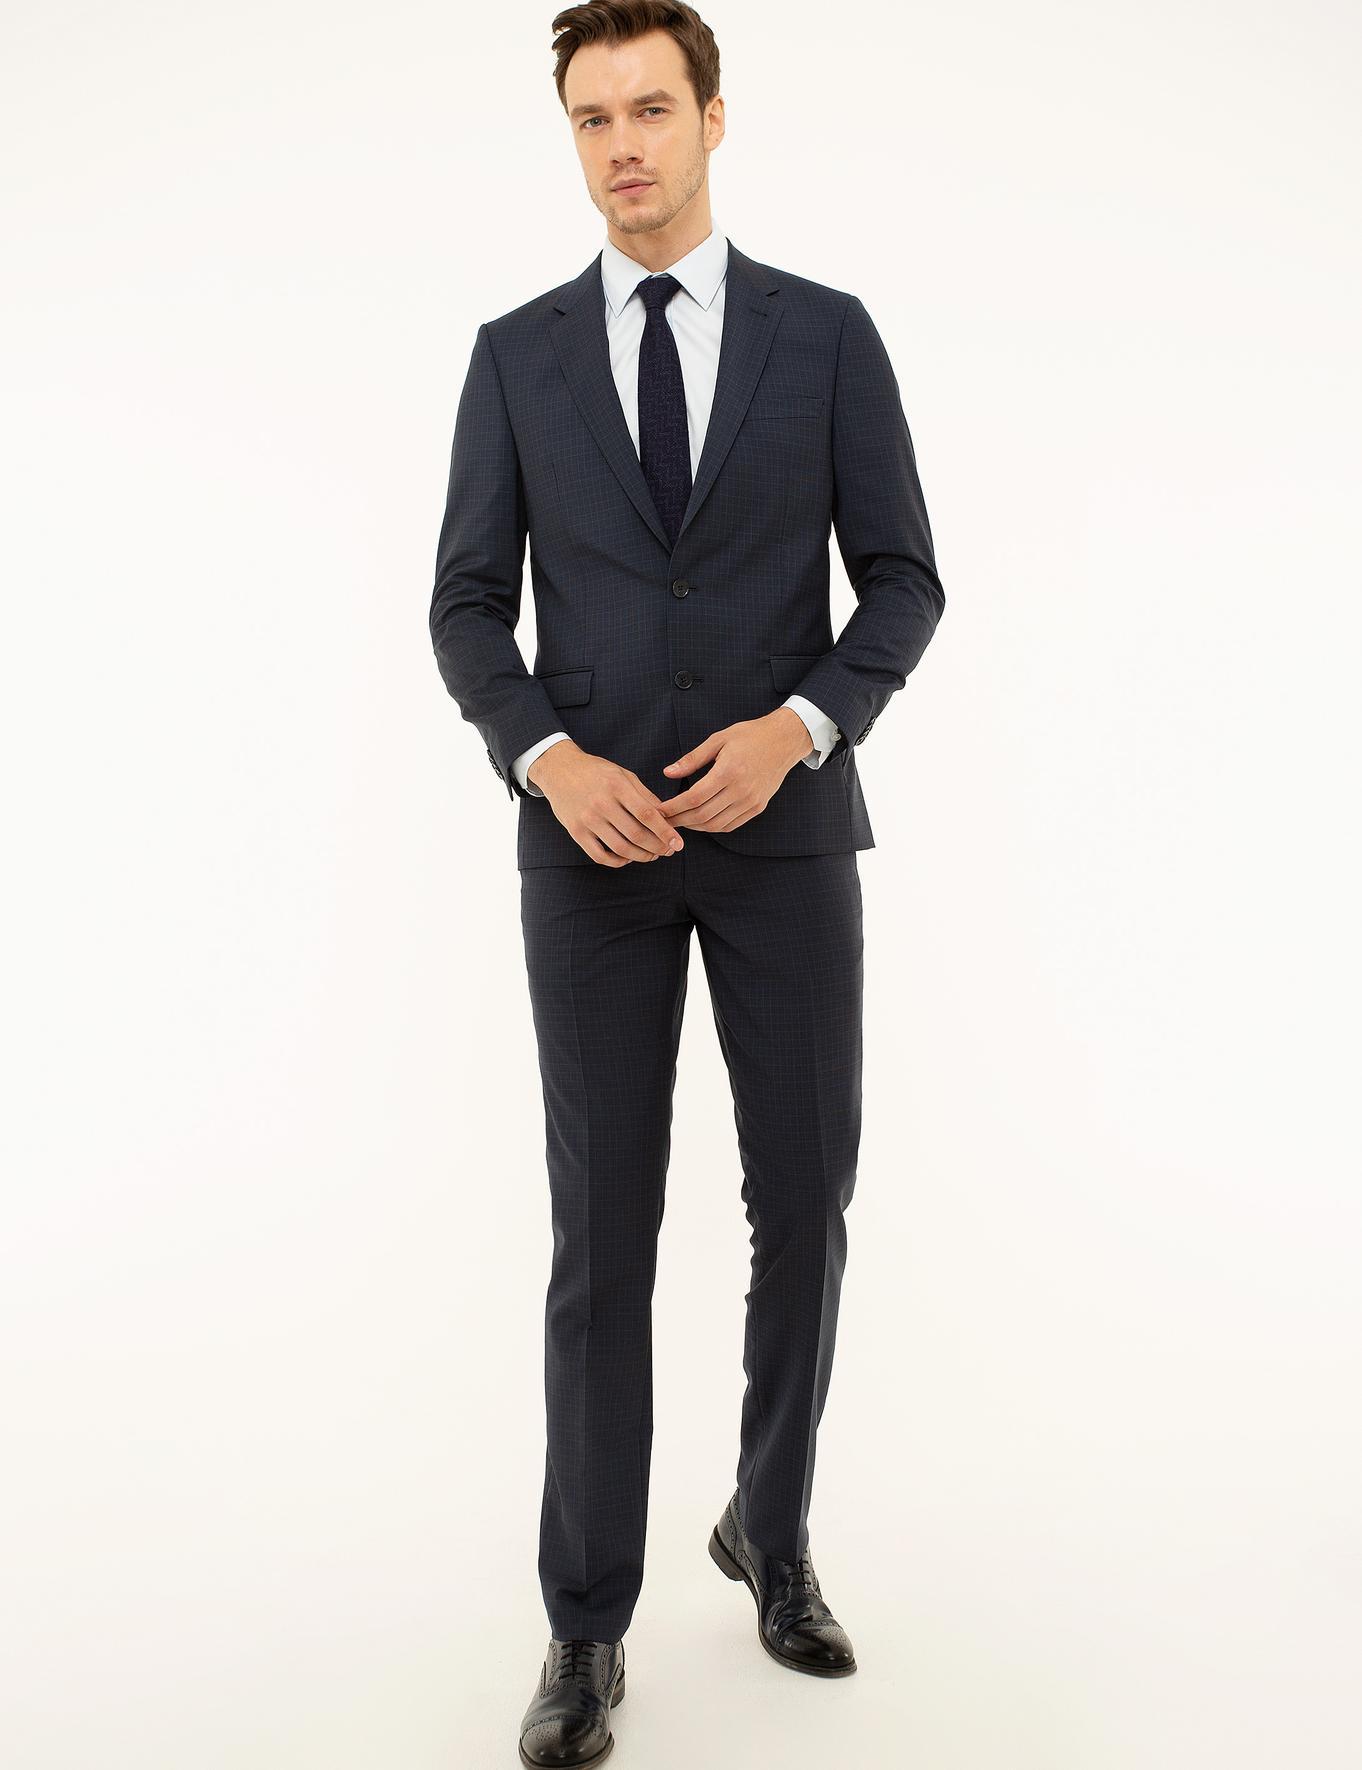 Lacivert Slim Fit Takım Elbise - 50219325011